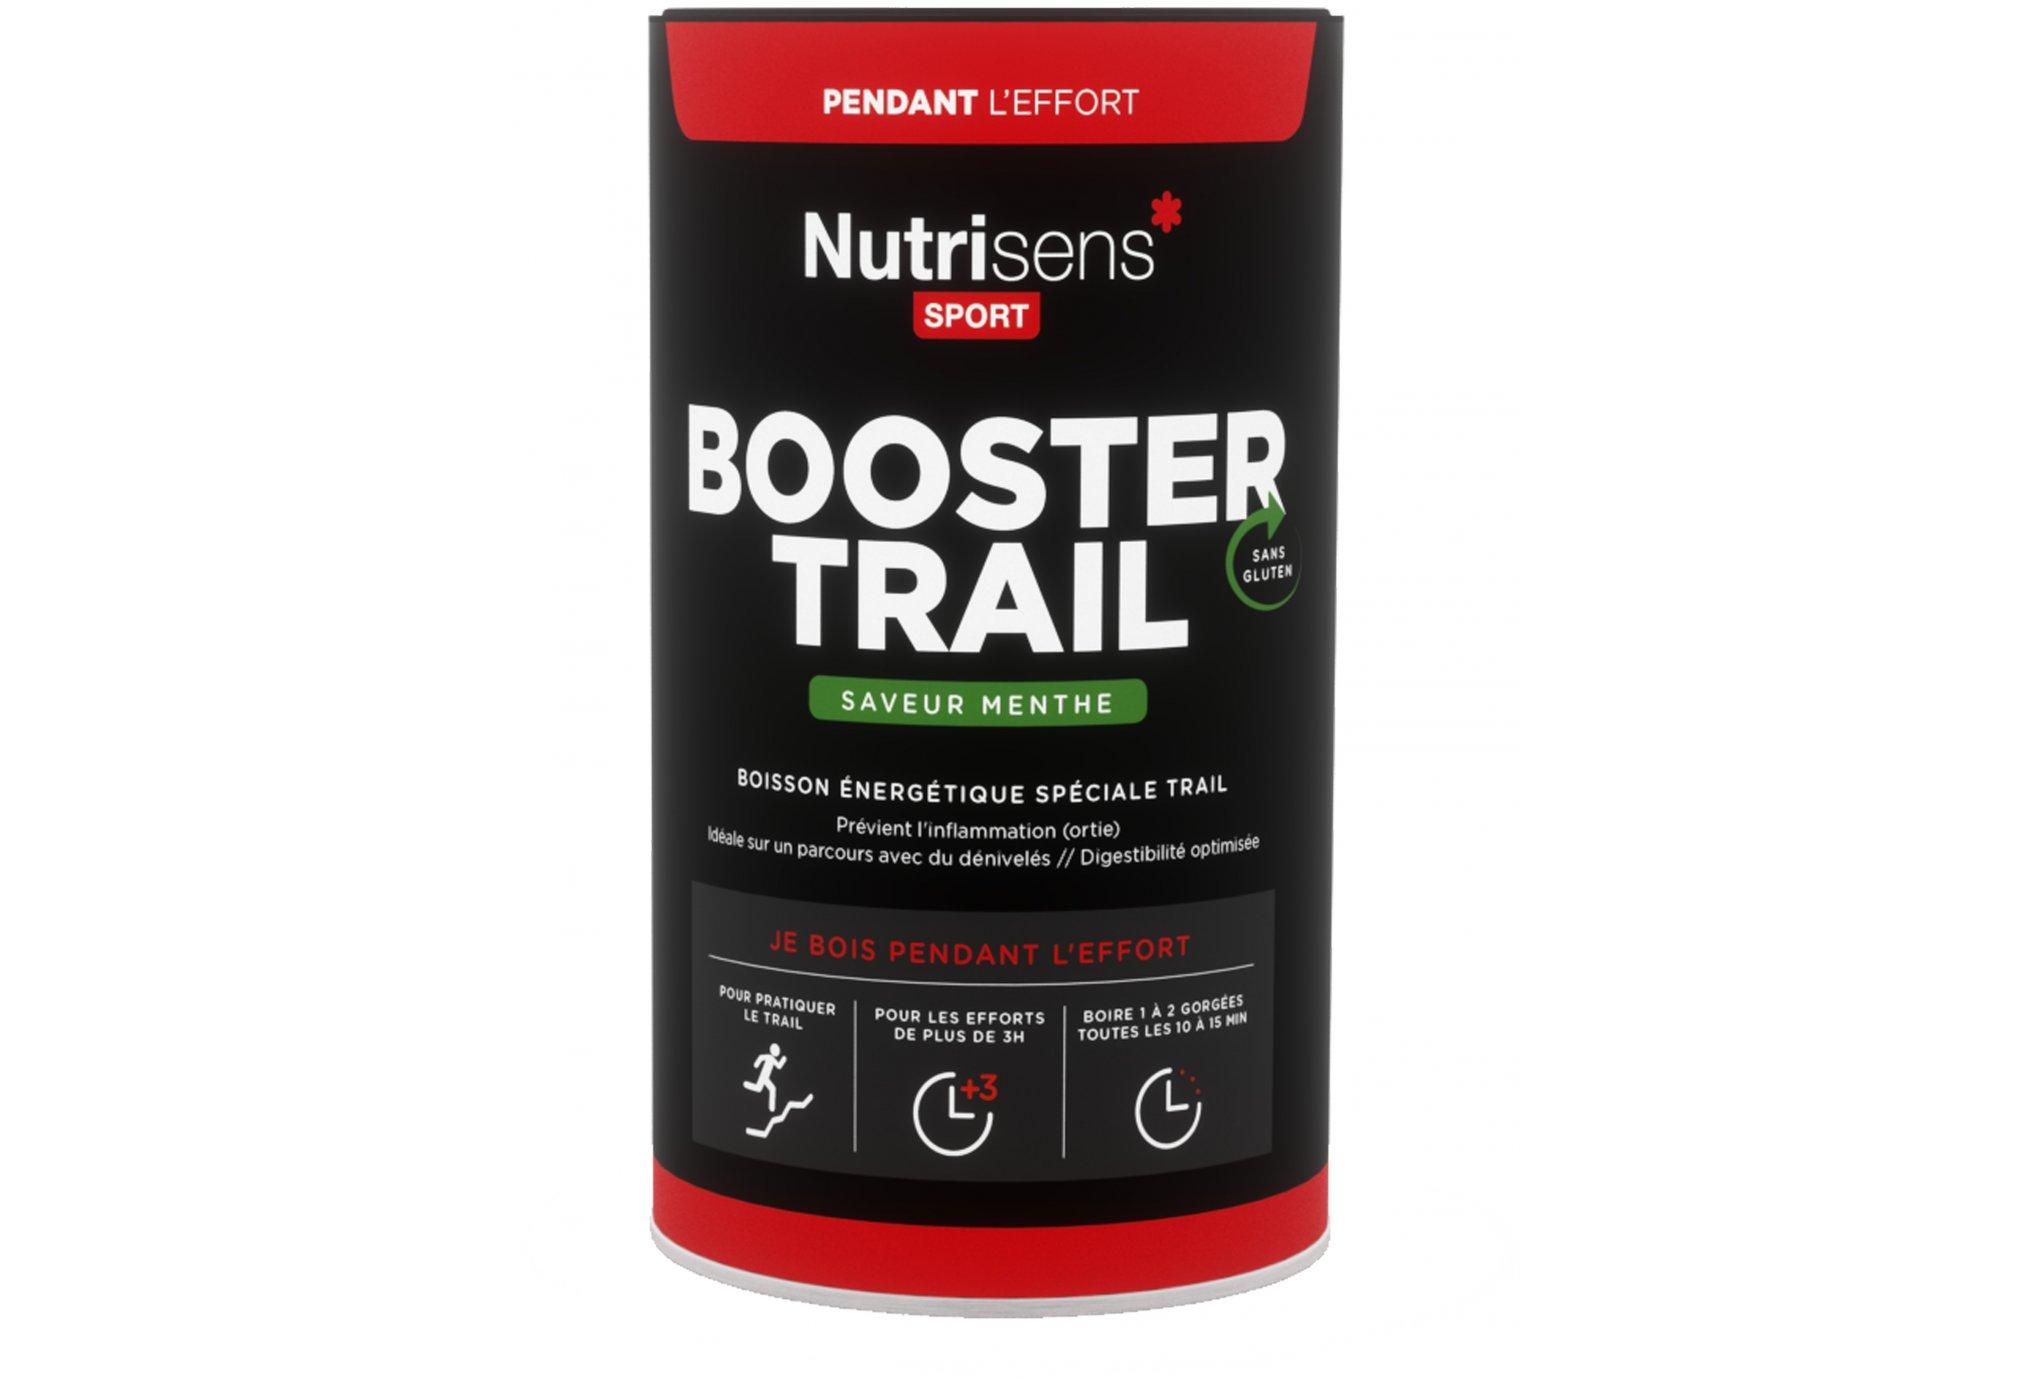 Nutrisens Sport Booster Trail - Menta Diététique Boissons